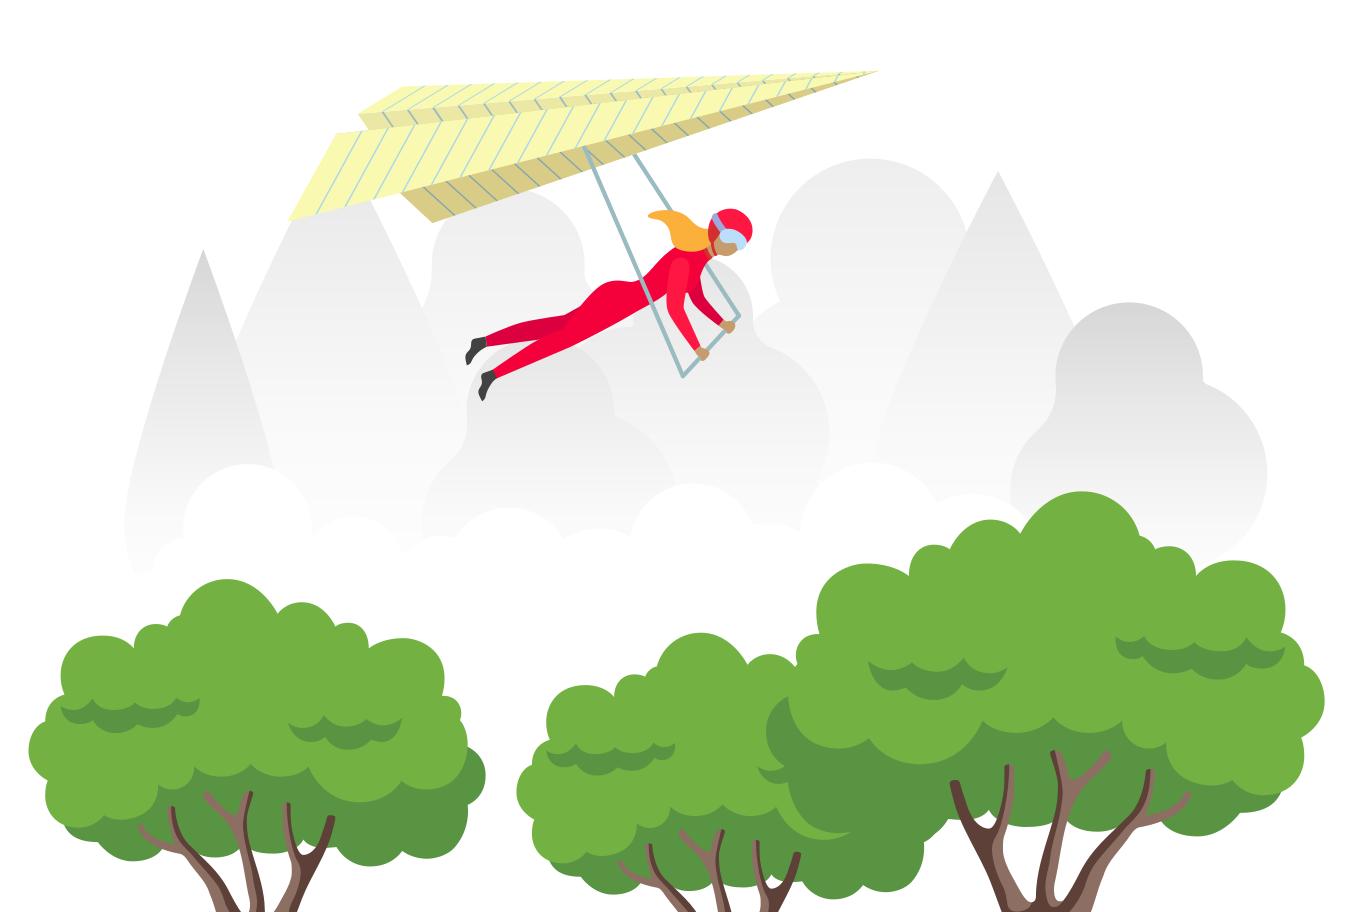 Deltaplan Clipart illustration in PNG, SVG